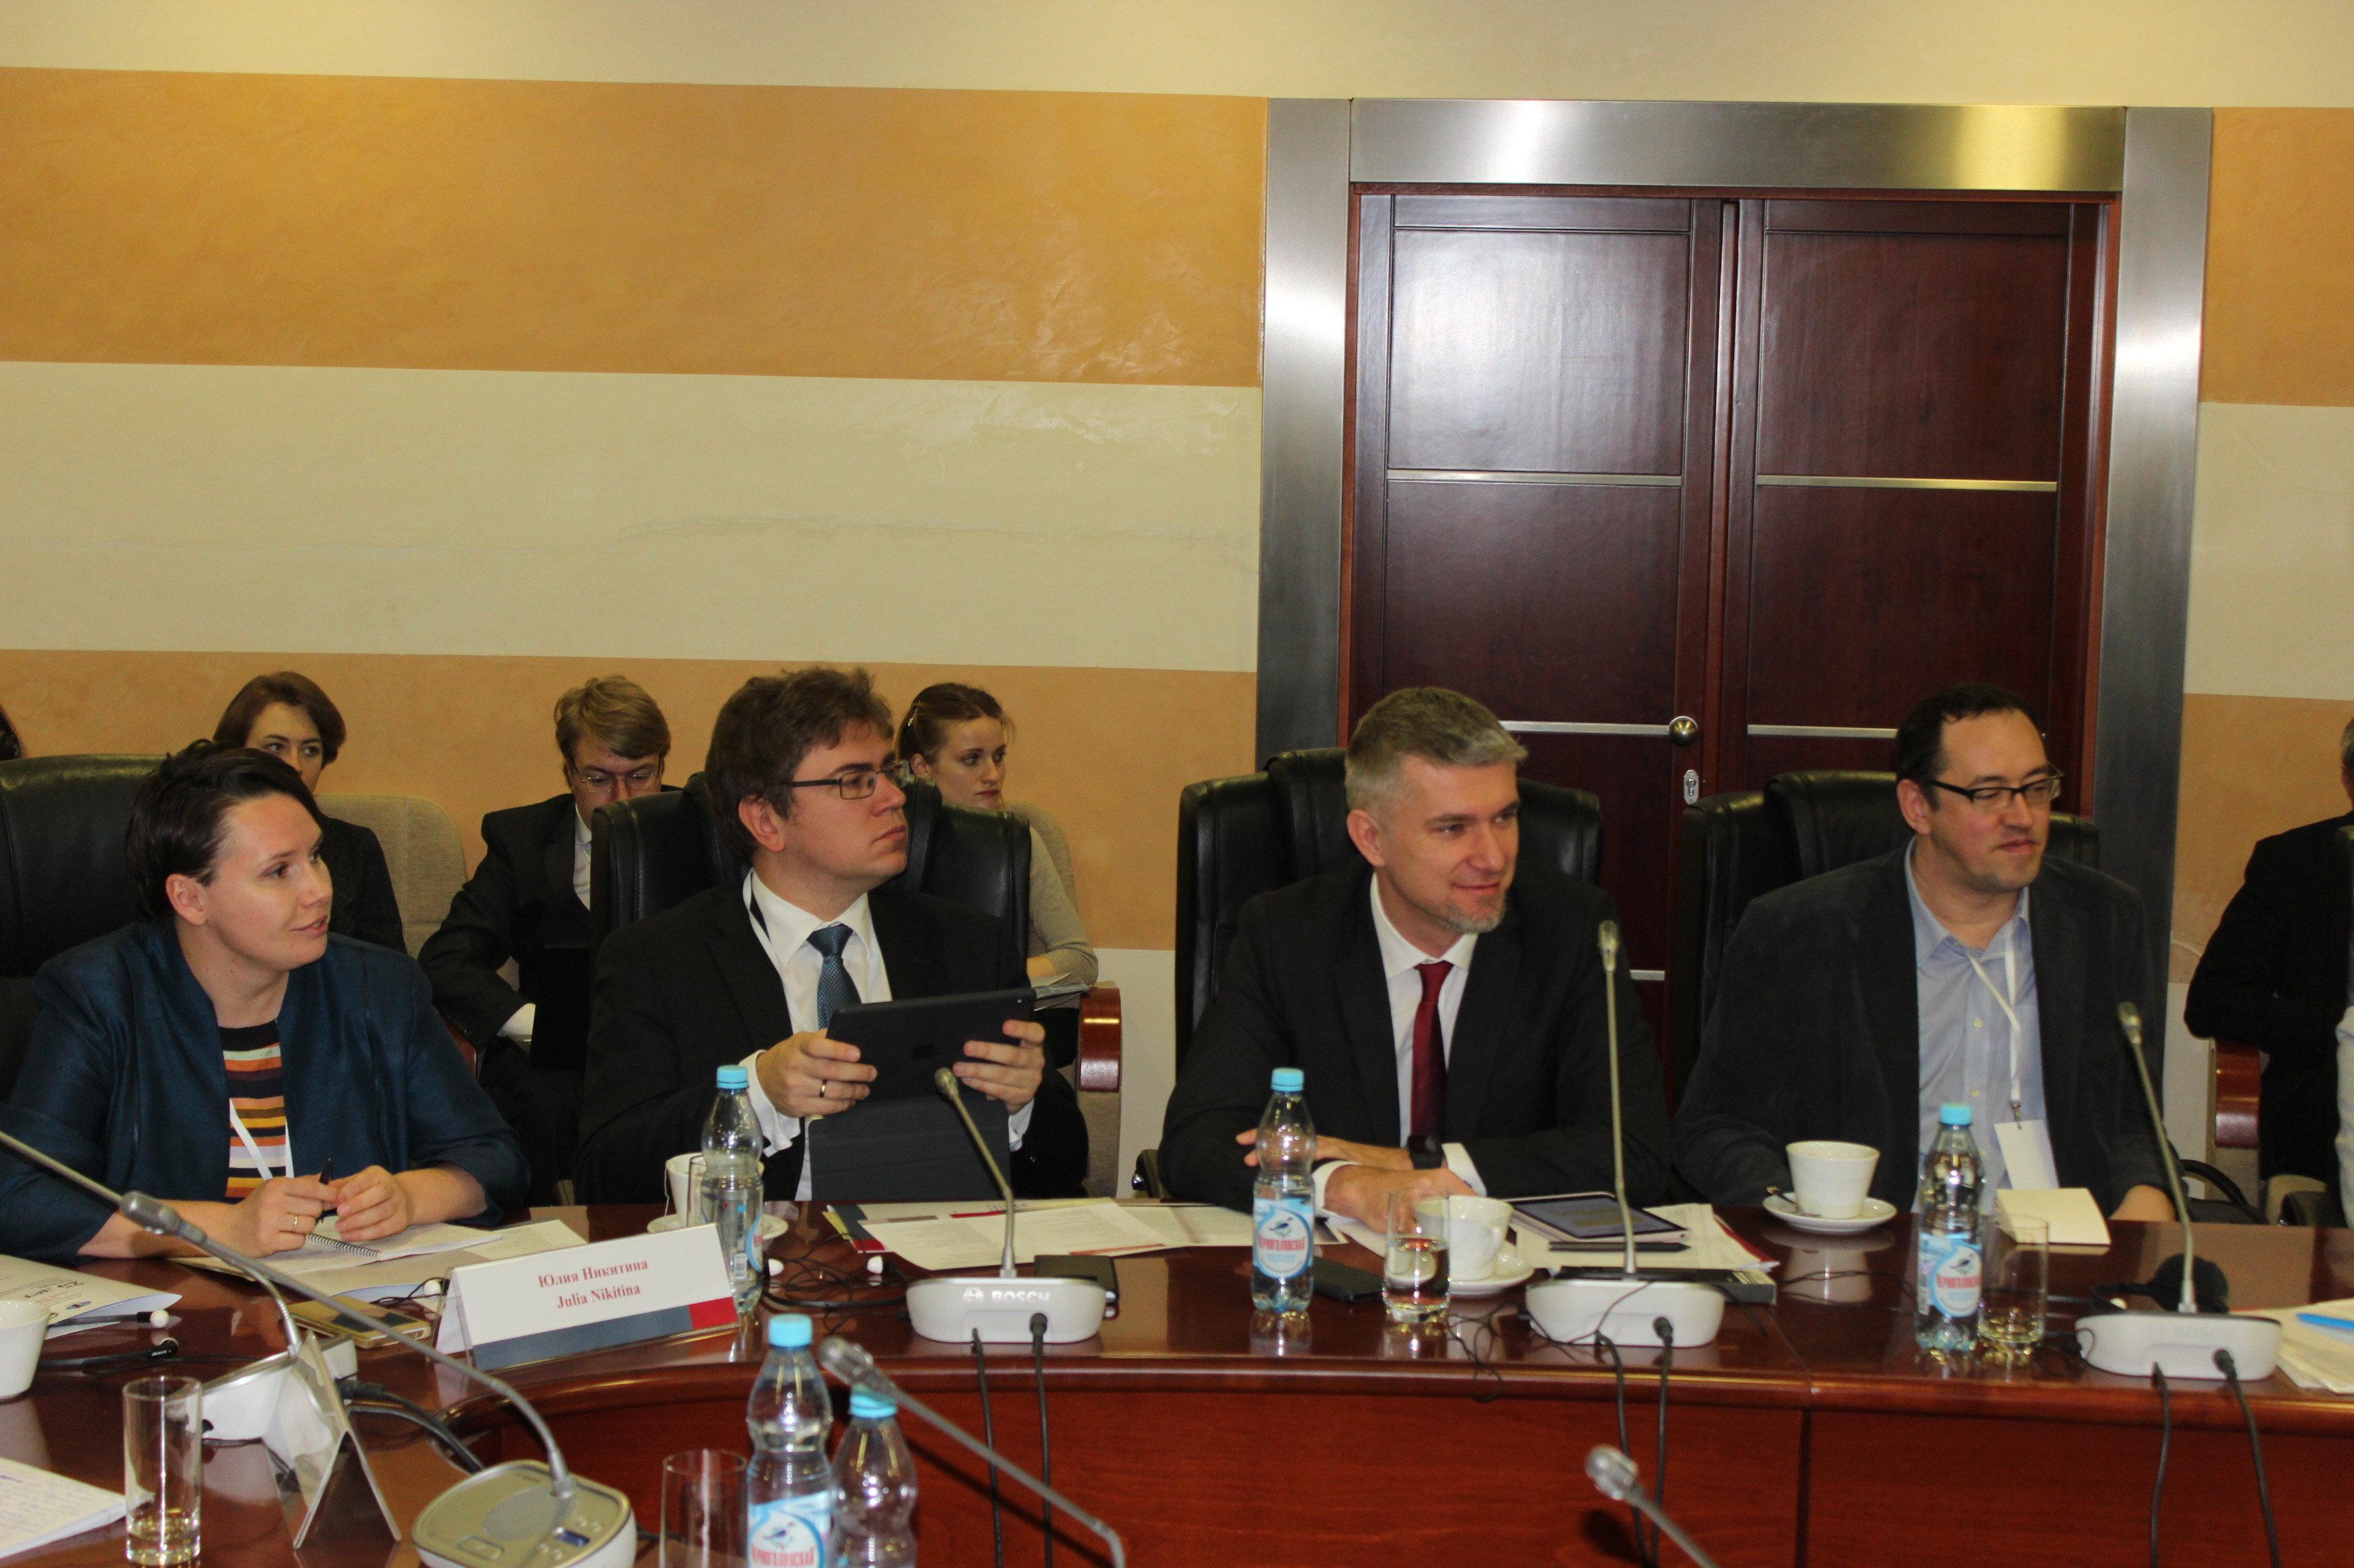 Ernest Wyciszkiewicz, Dyrektor Centrum Polsko-Rosyjskiego Dialogu i Porozumienia. Moskwa. MGiMO